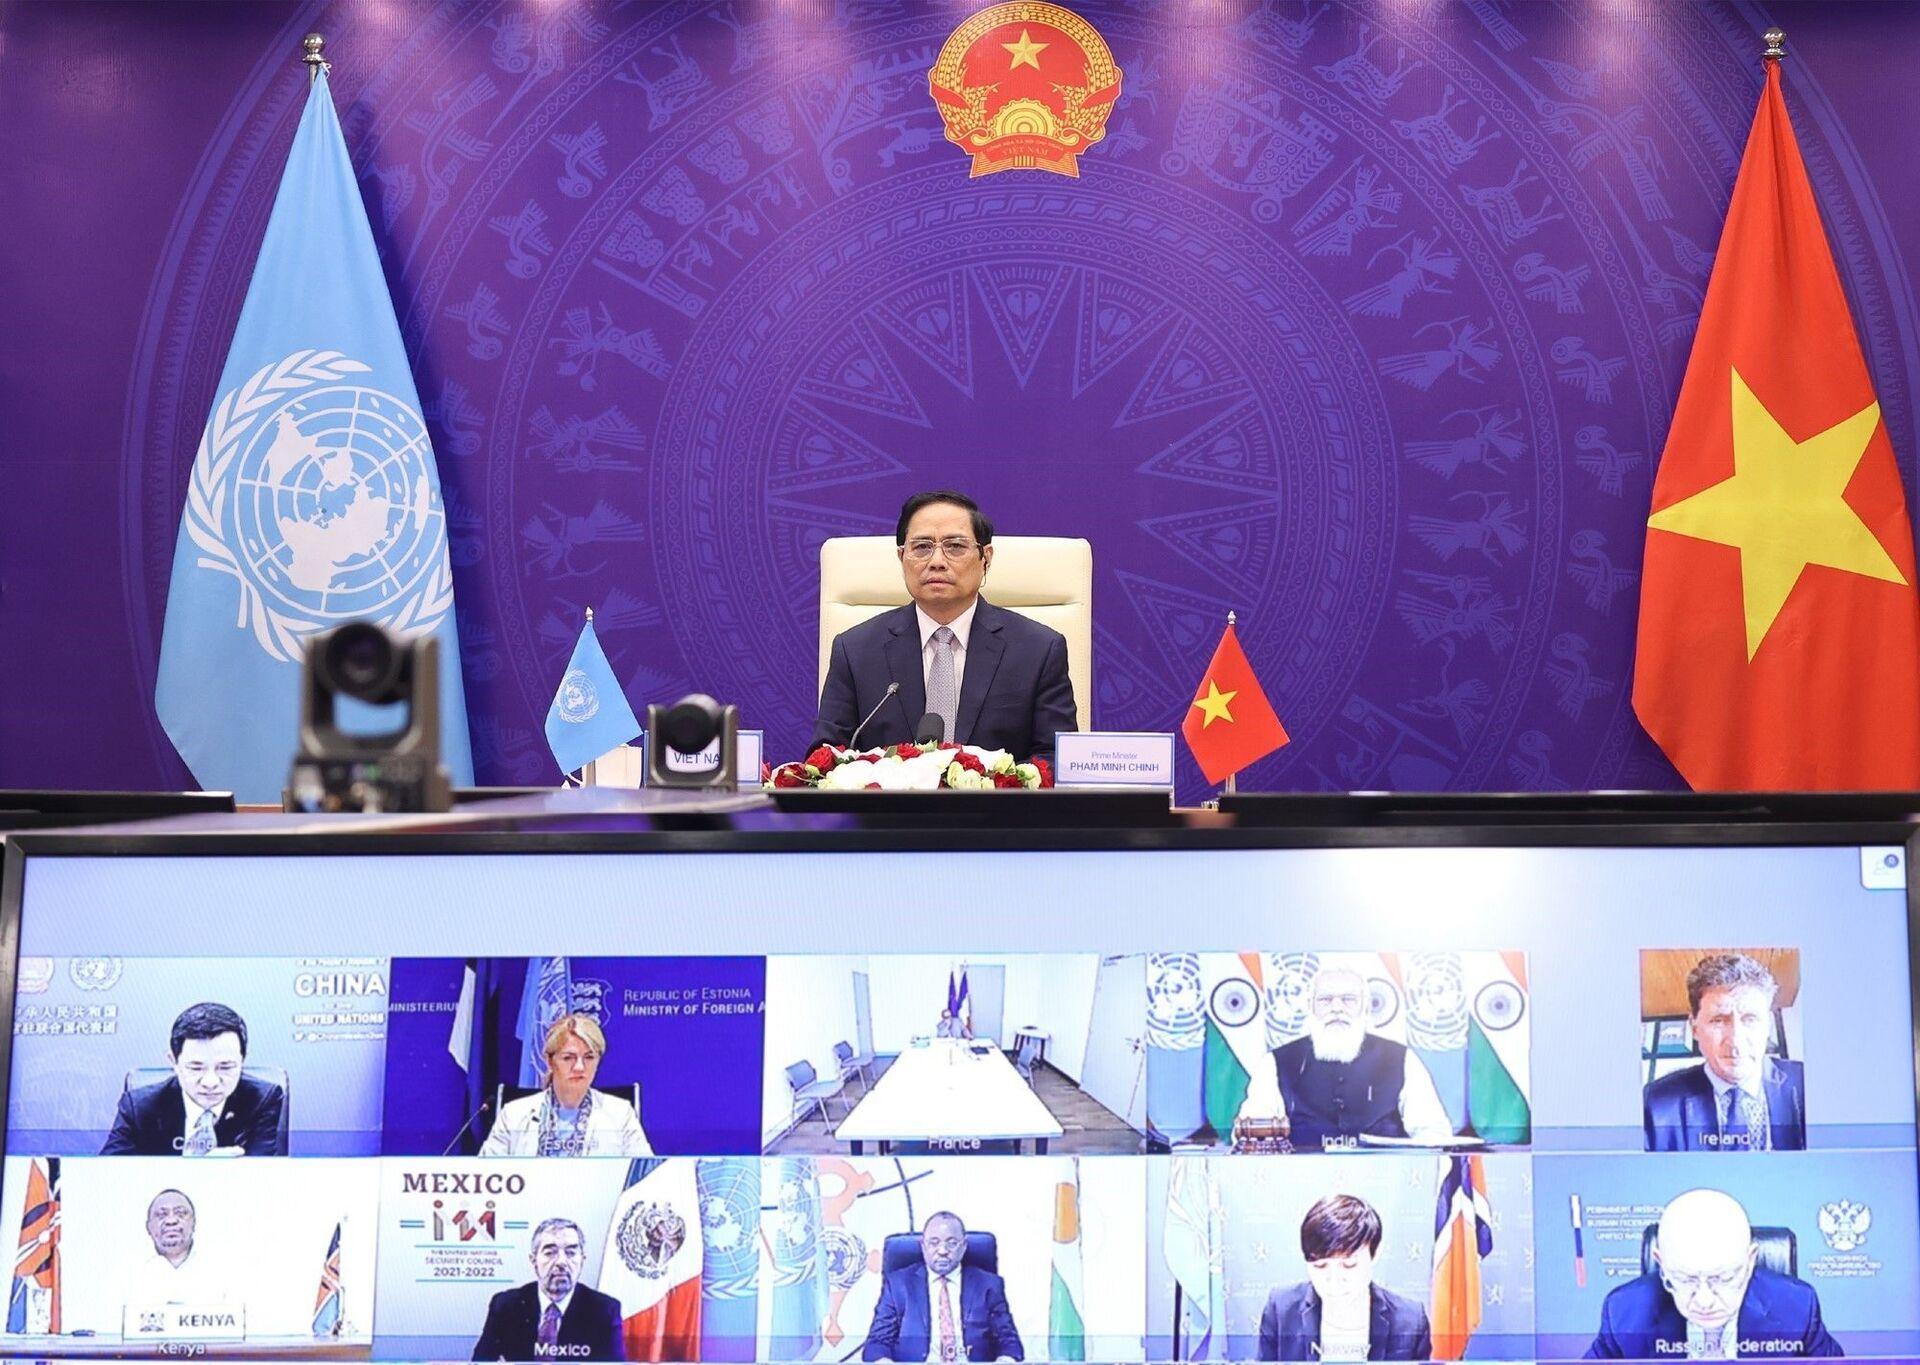 Thủ tướng Phạm Minh Chính tham dự Phiên thảo luận mở Cấp cao của Hội đồng Bảo an Liên hợp quốc - Sputnik Việt Nam, 1920, 05.10.2021